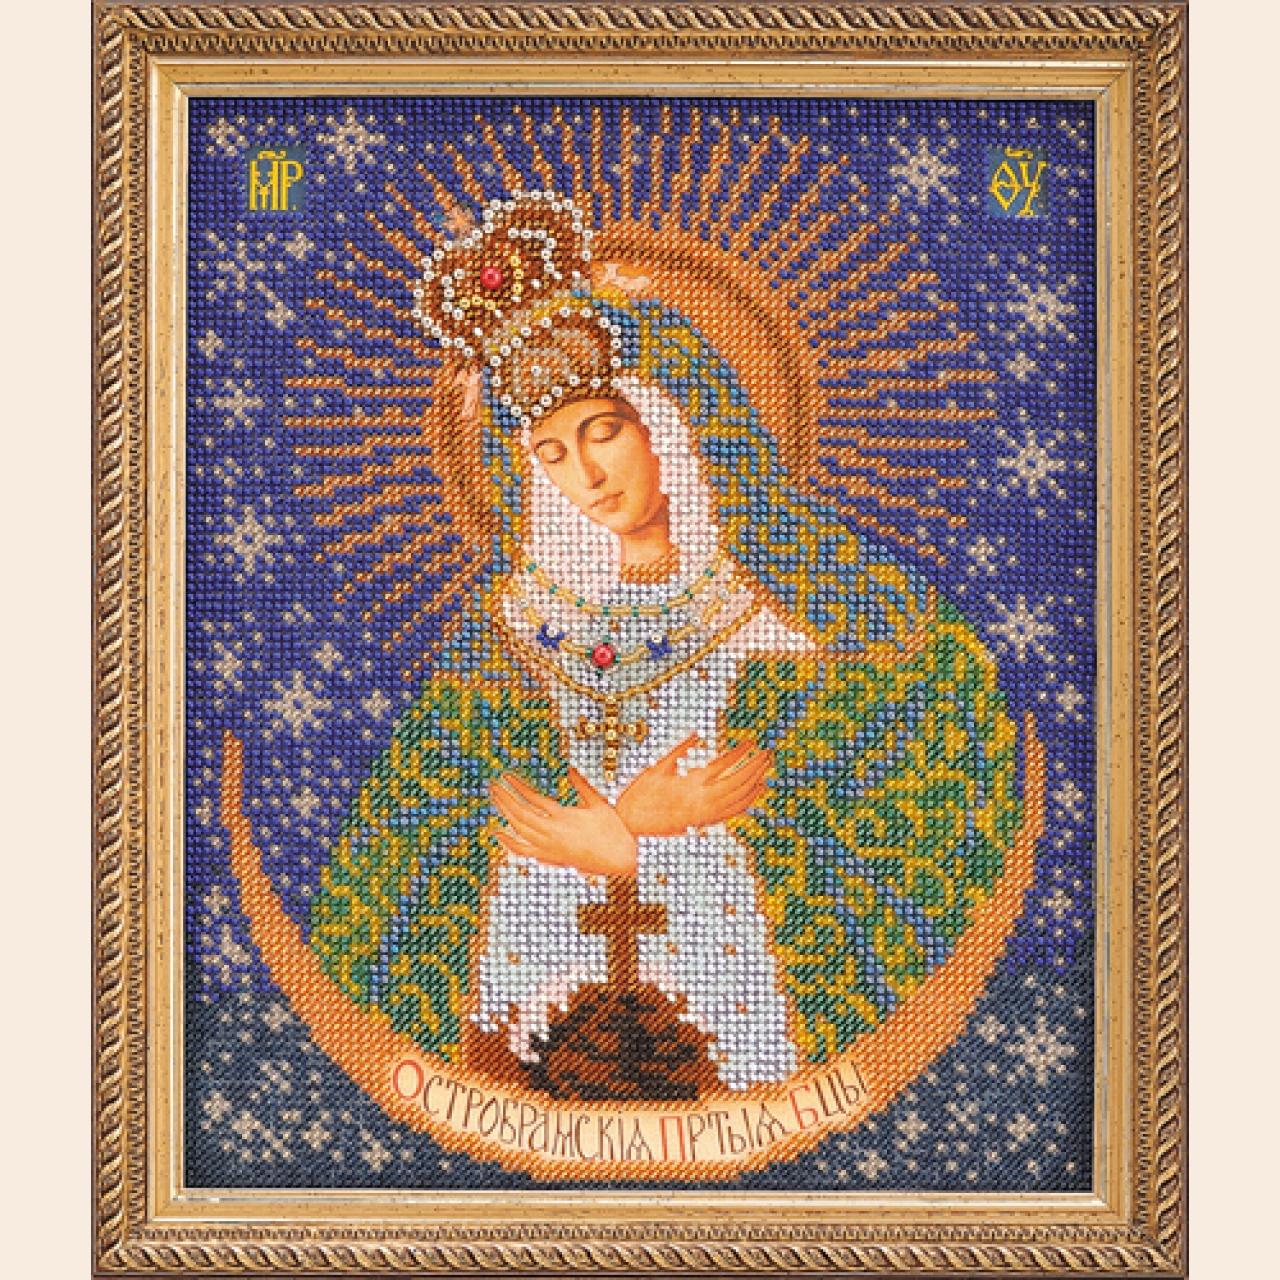 Набор для вышивки бисером Остробрамская Богородица икона - вышивка бисером.